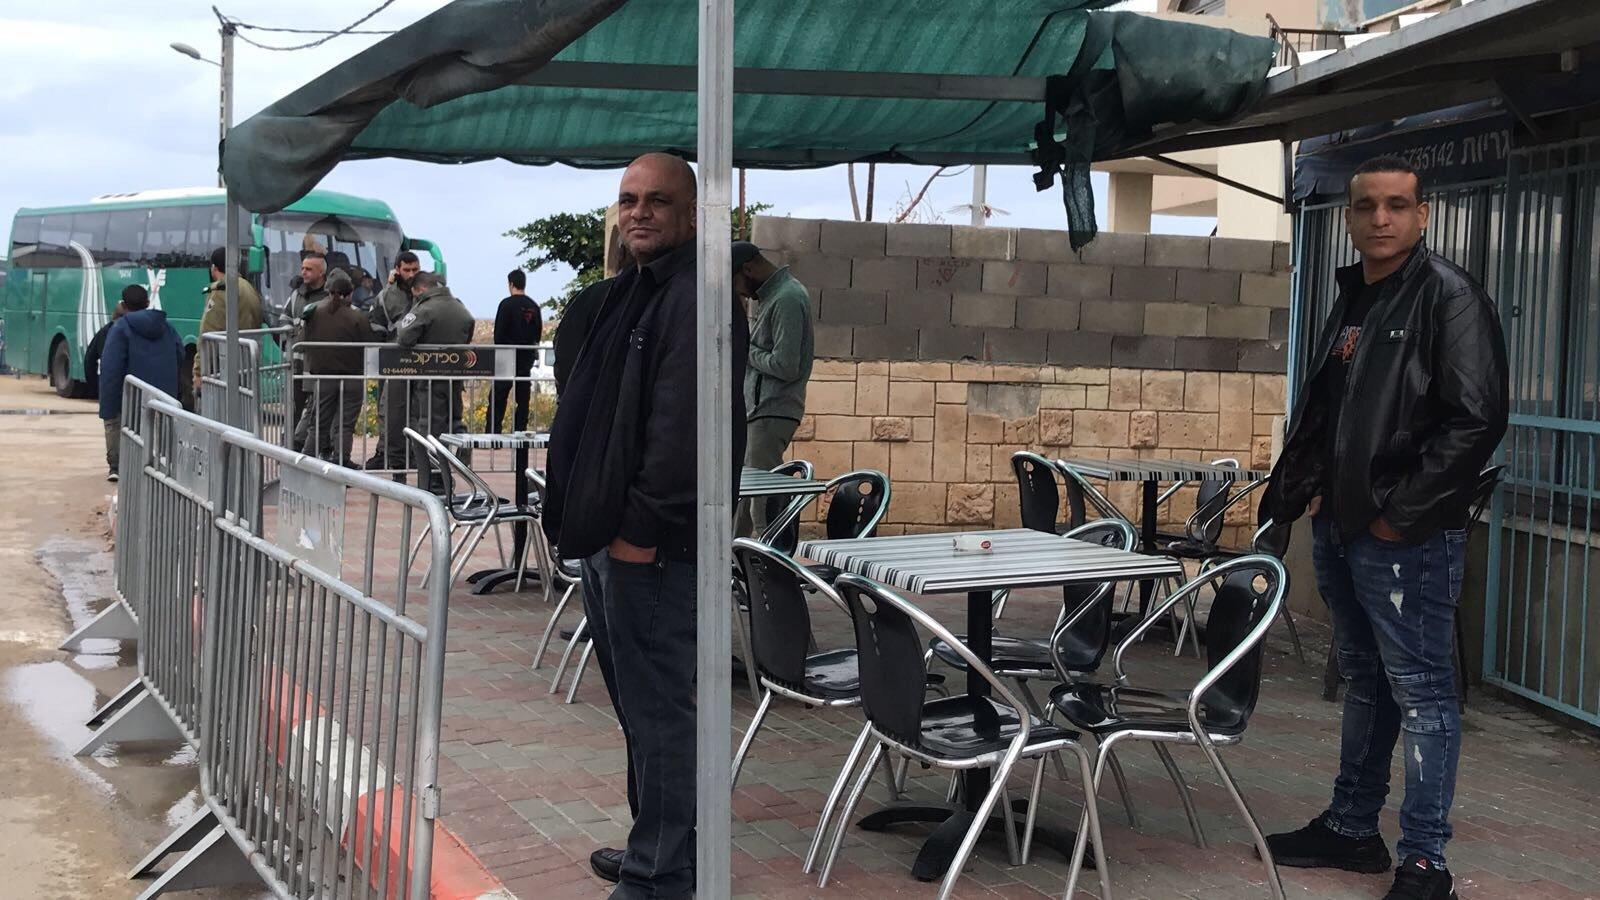 خلال حضور نتنياهو..أهالي جسر الزرقاء يتظاهرون ضد افتتاح مركز الشرطة